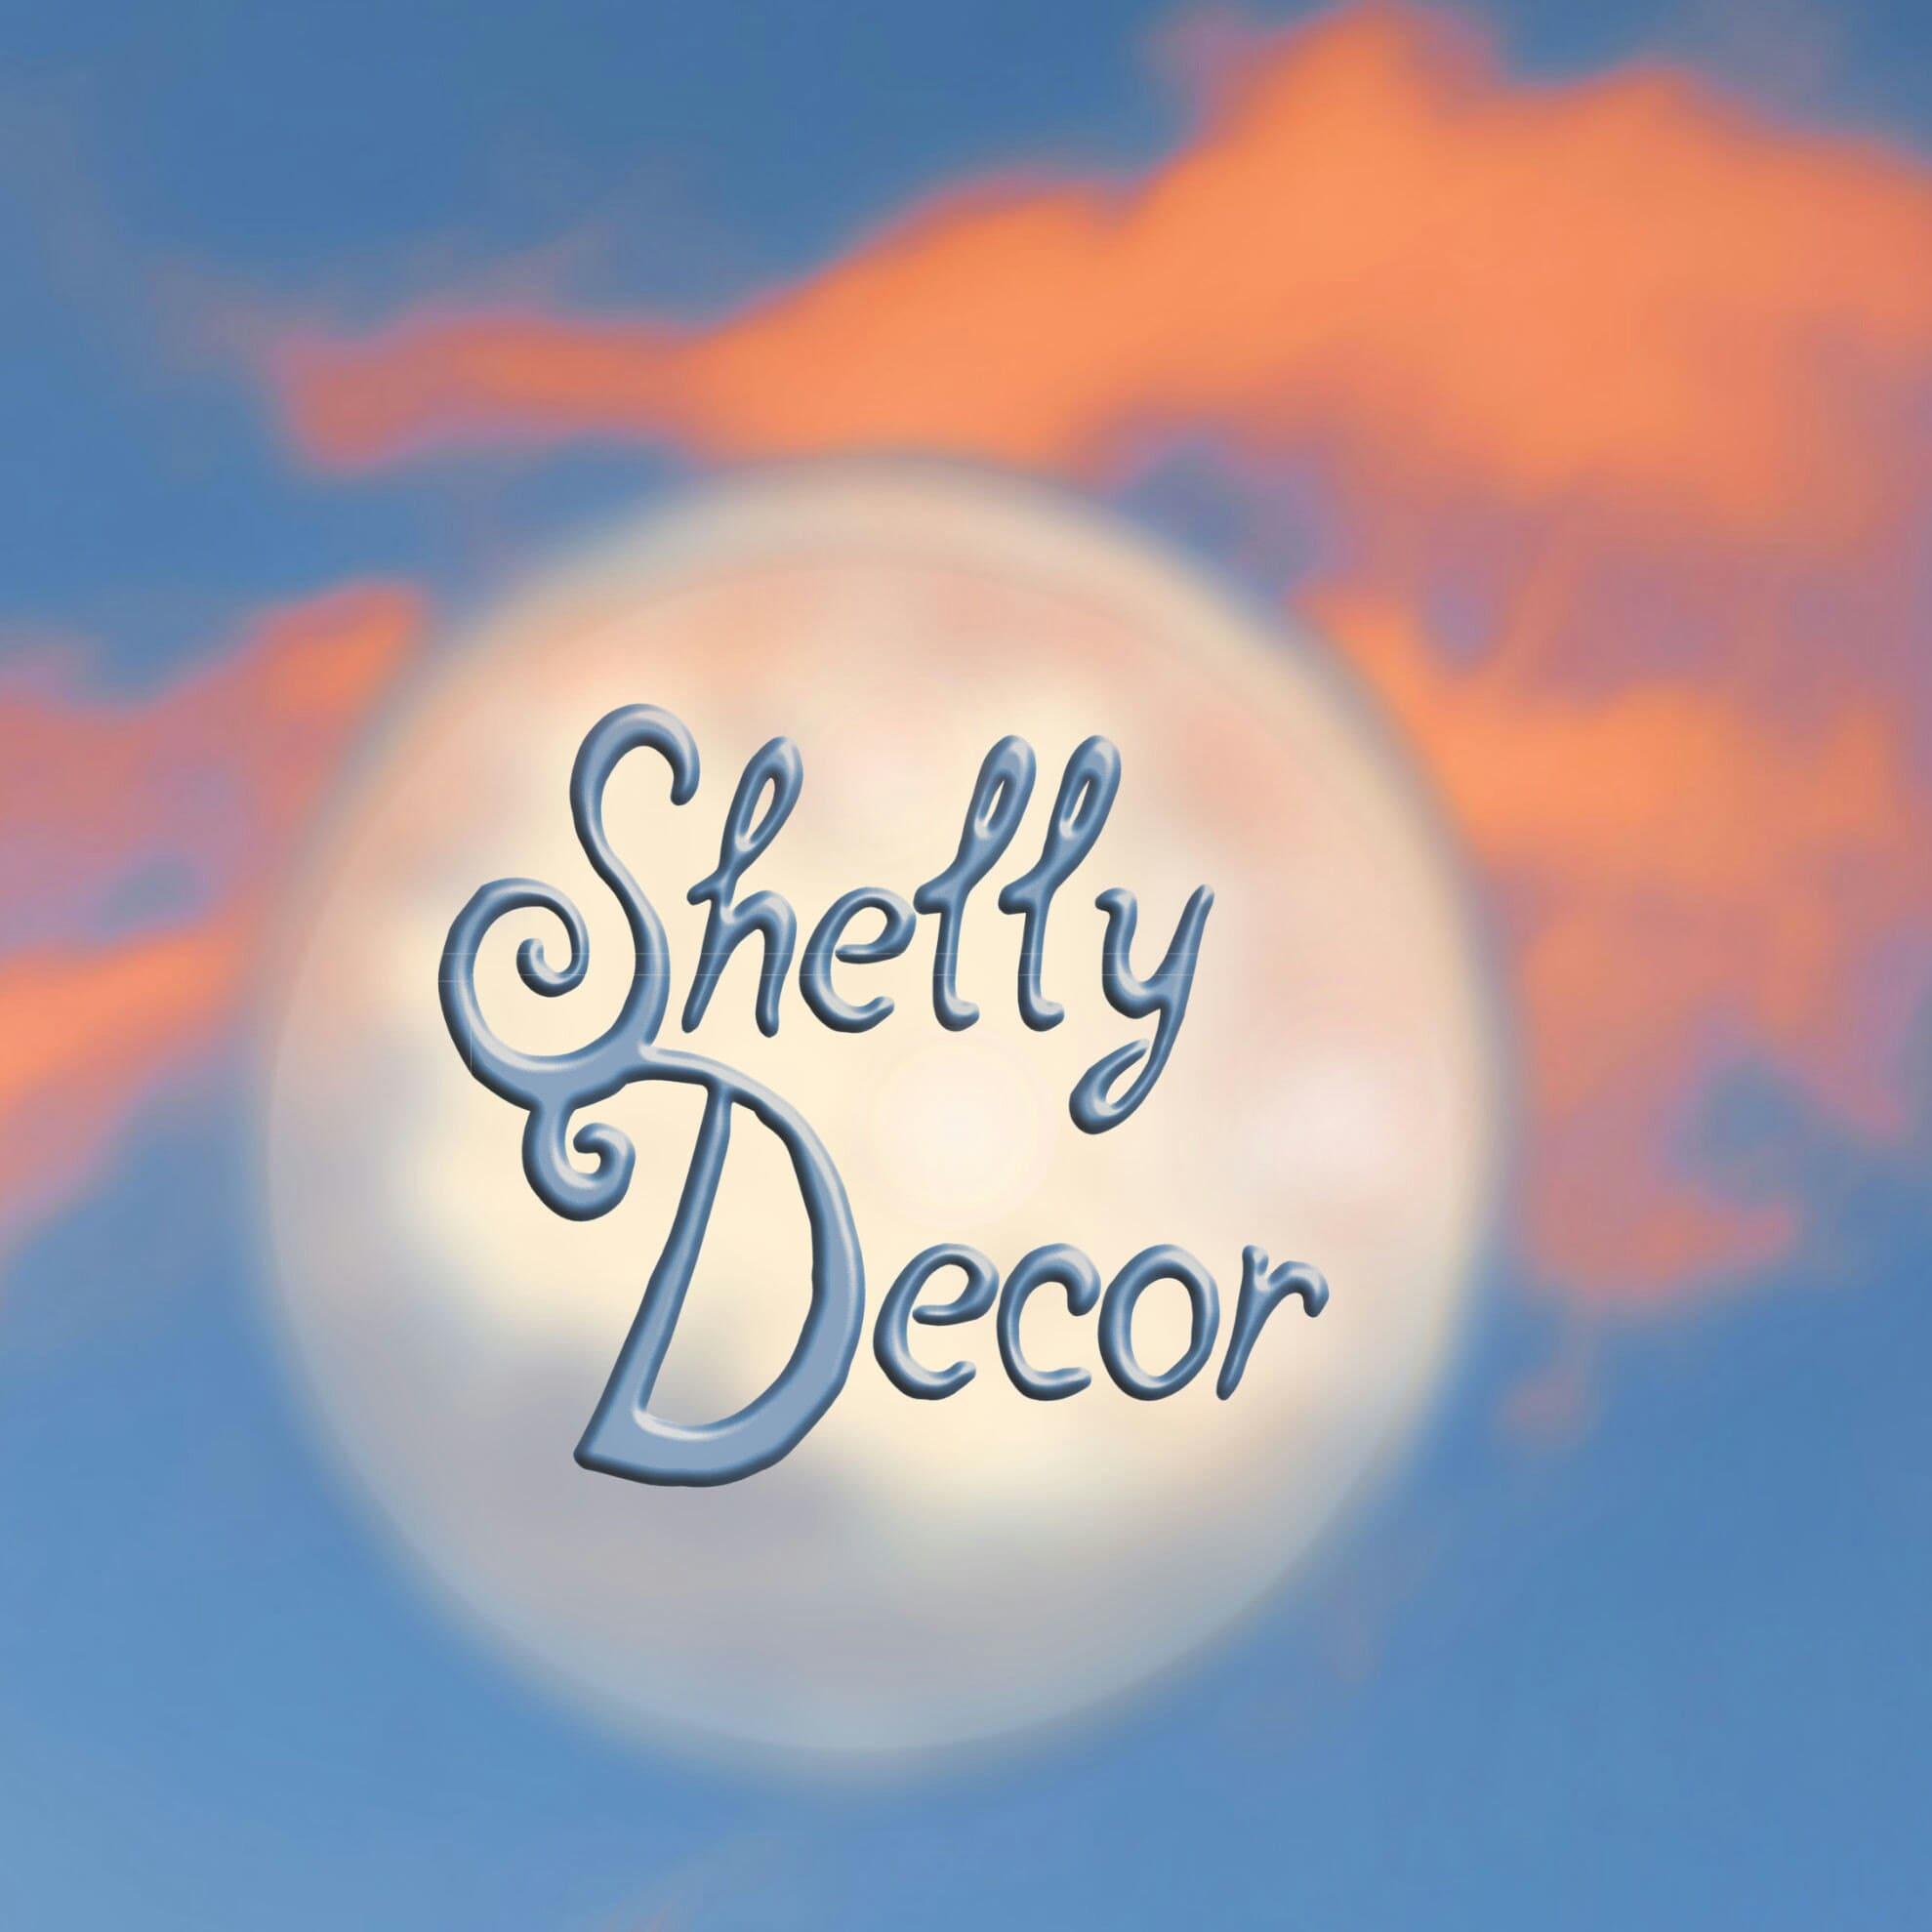 ShellyDecor Designed to Make You Happy von ShellyDecor auf Etsy